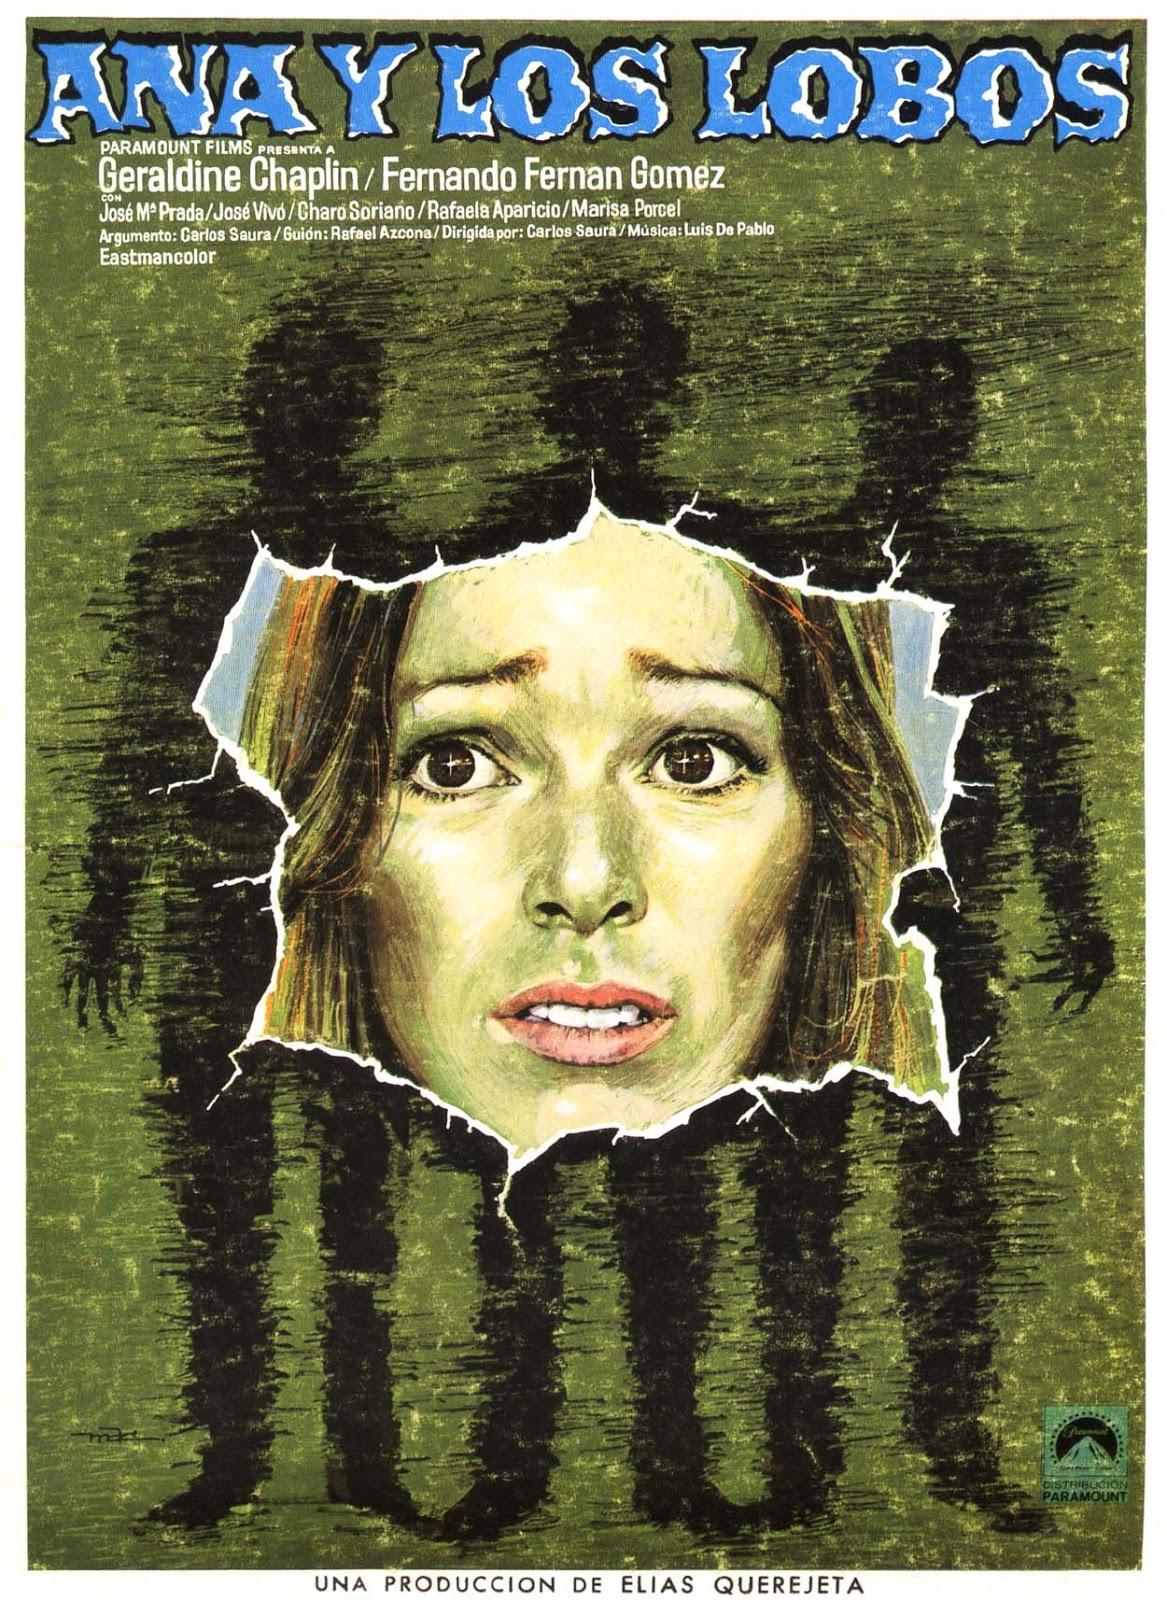 http://descubrepelis.blogspot.com/2012/07/ana-y-los-lobos.html